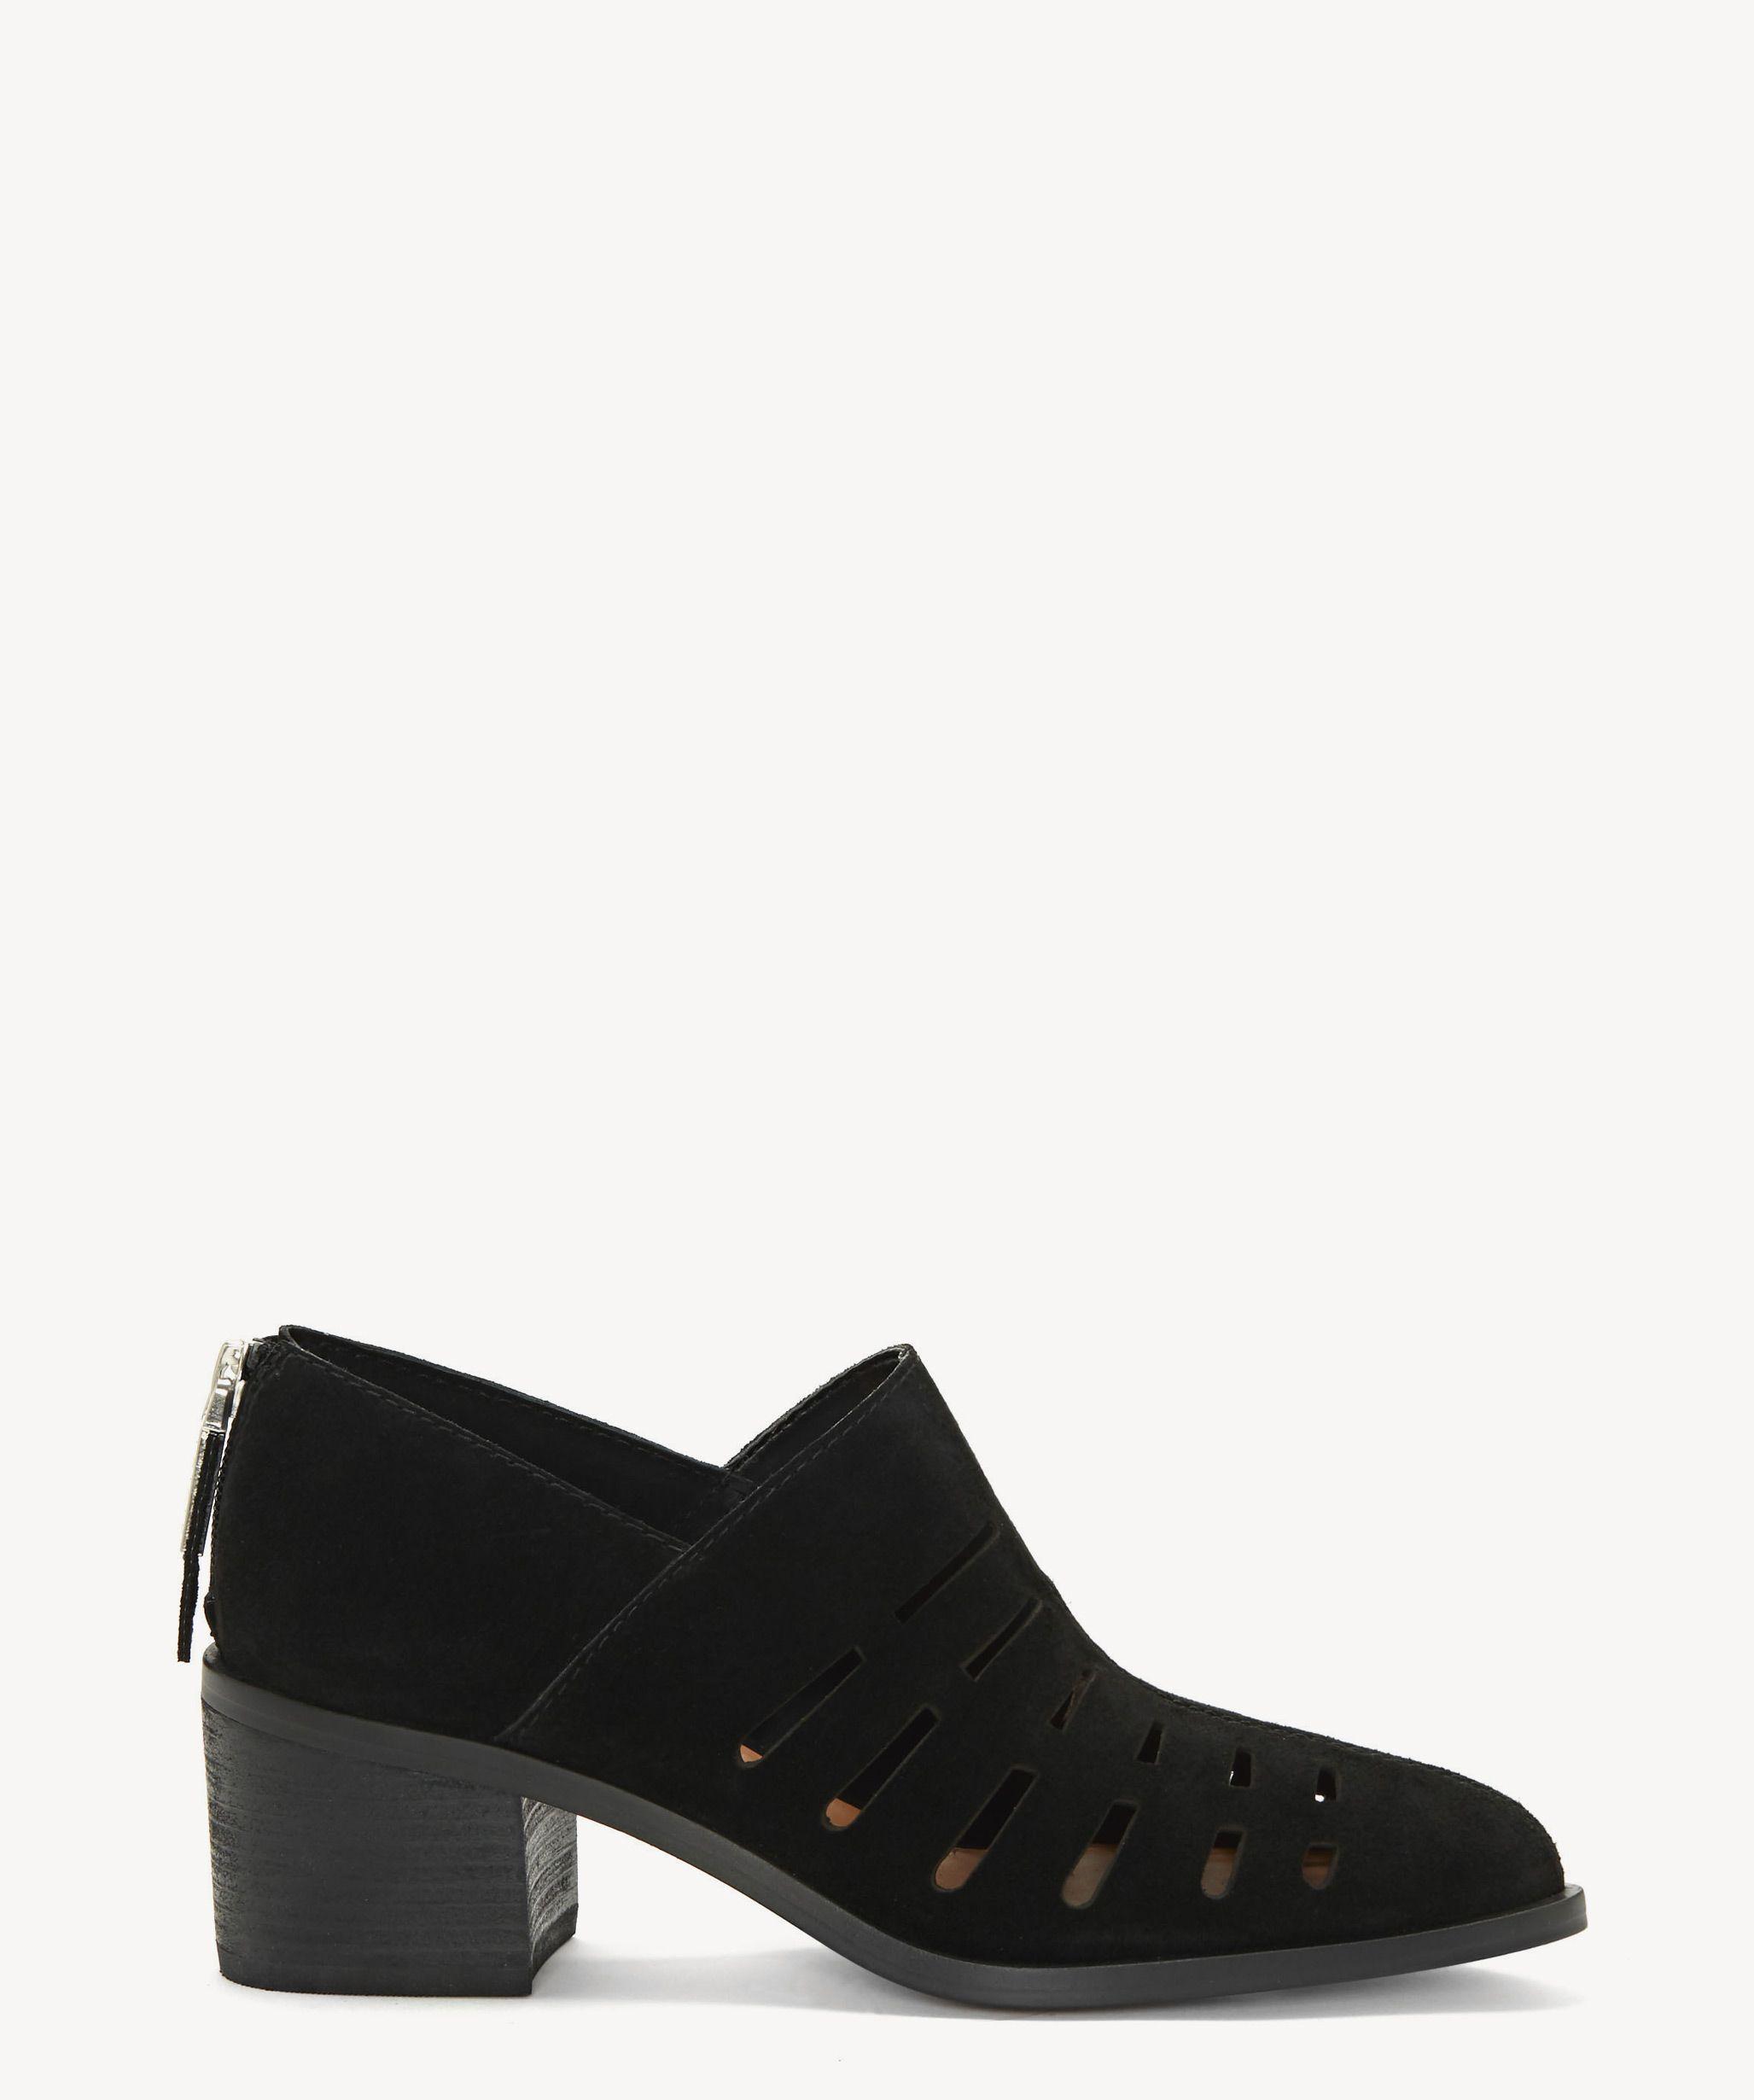 ce27b893ba9 1. State Women s Ilee Ankle Bootie Black